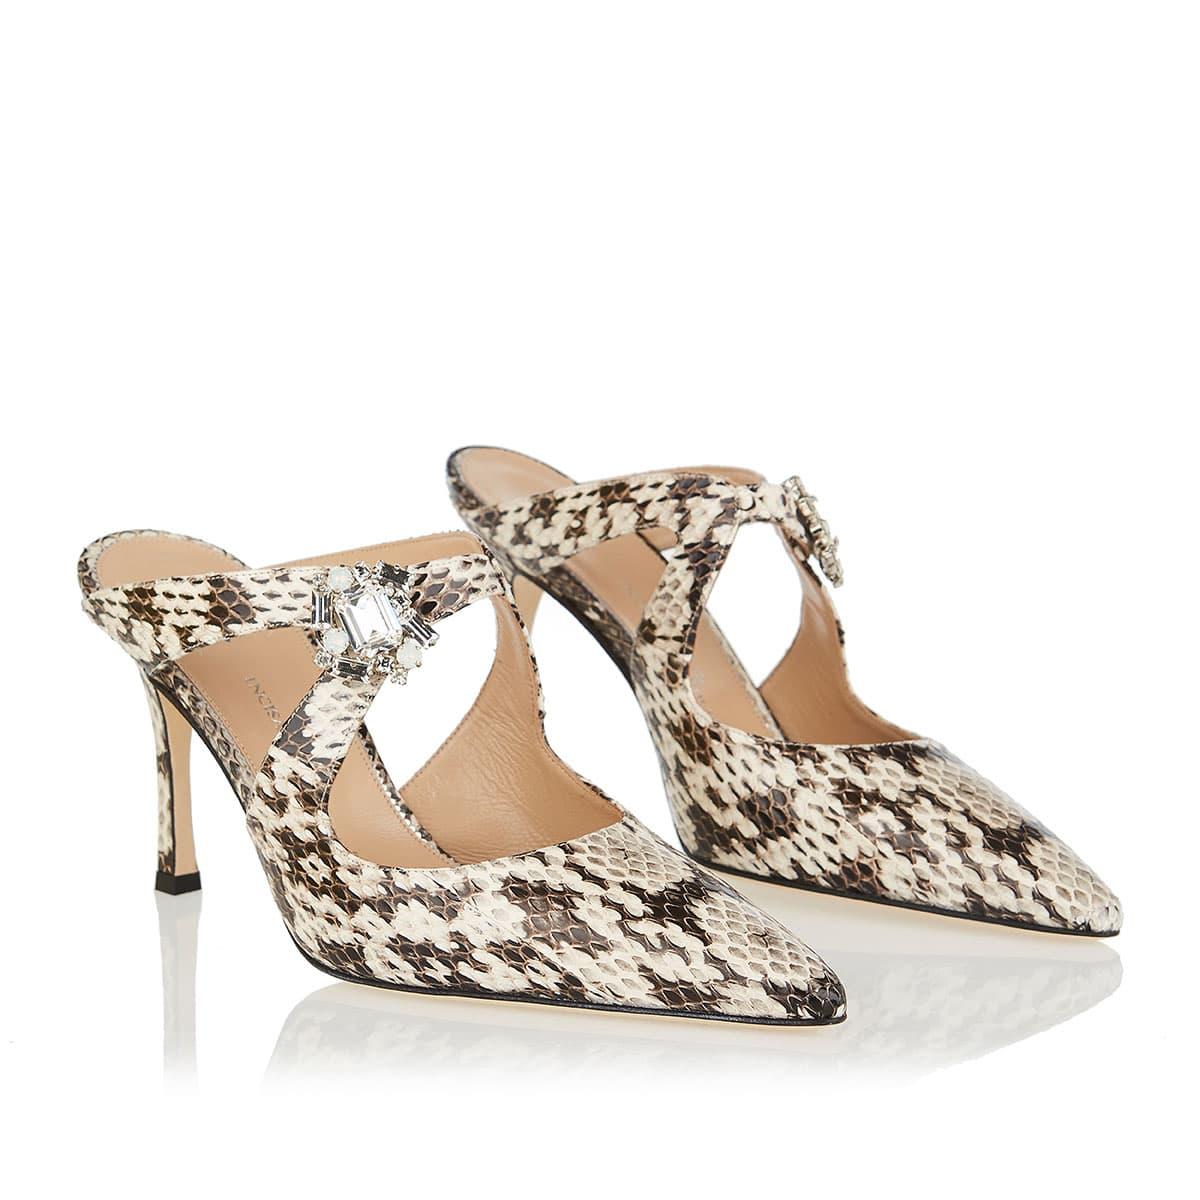 Daniela embellished snake-leather mules